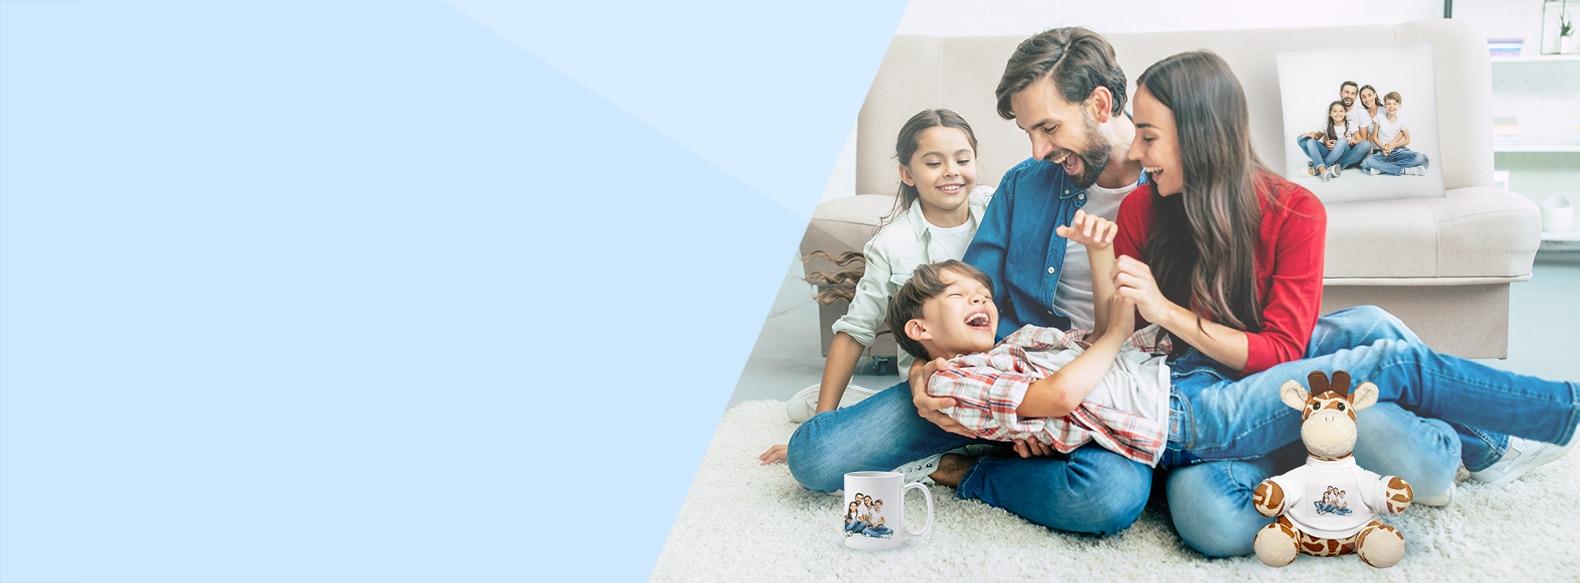 Glückliche Familie auf Sofa mit verschiedenen bedruckten Fotogechenken